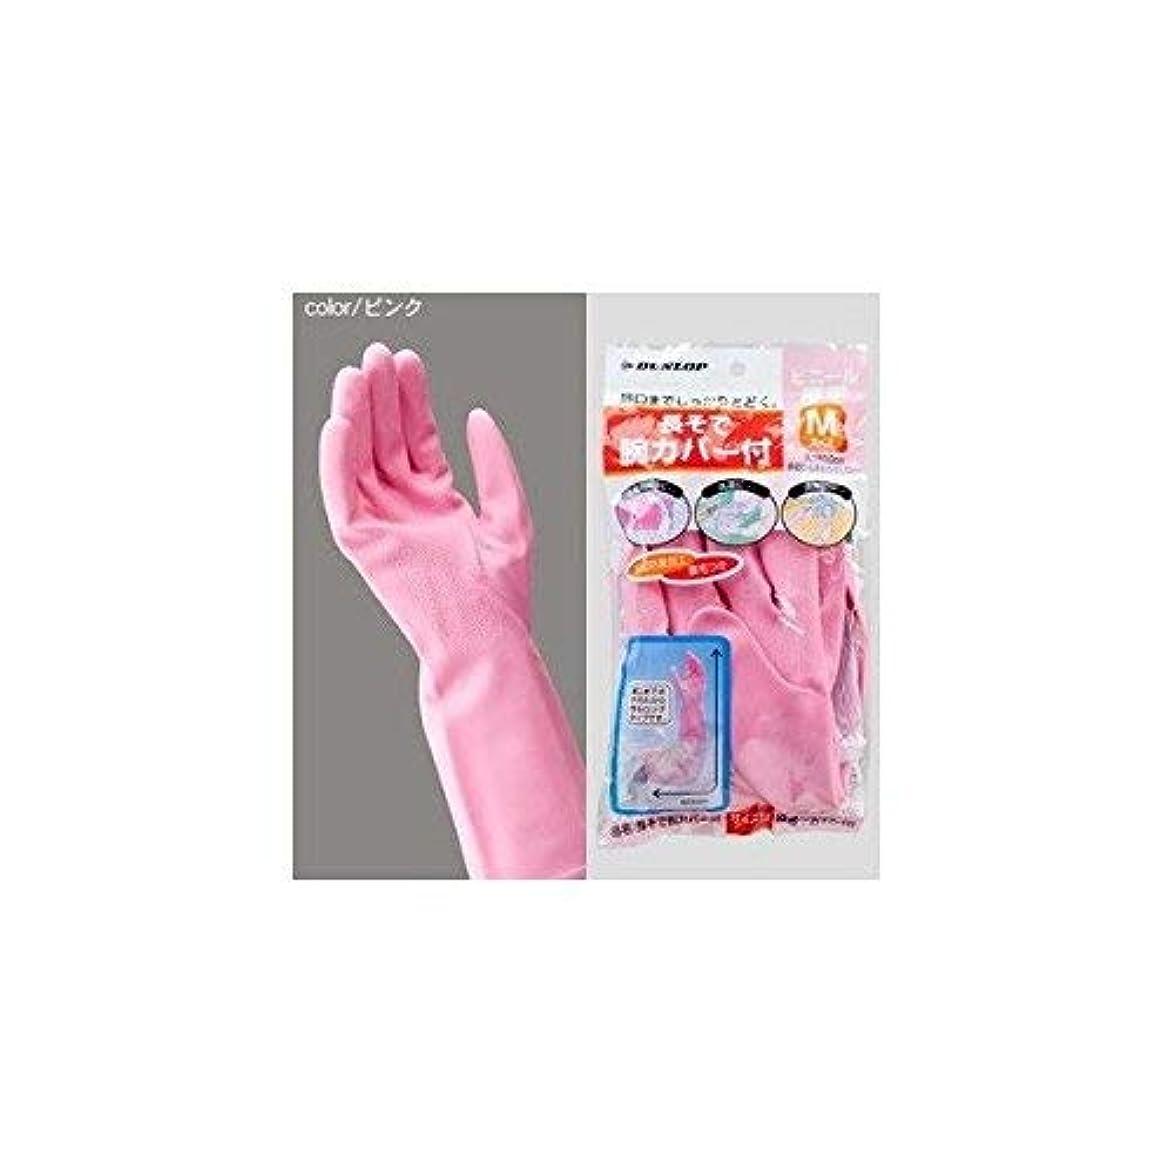 はちみつ委員会掃除ダンロップ ビニール手袋 厚手腕カバー付 M ピンク ×30個